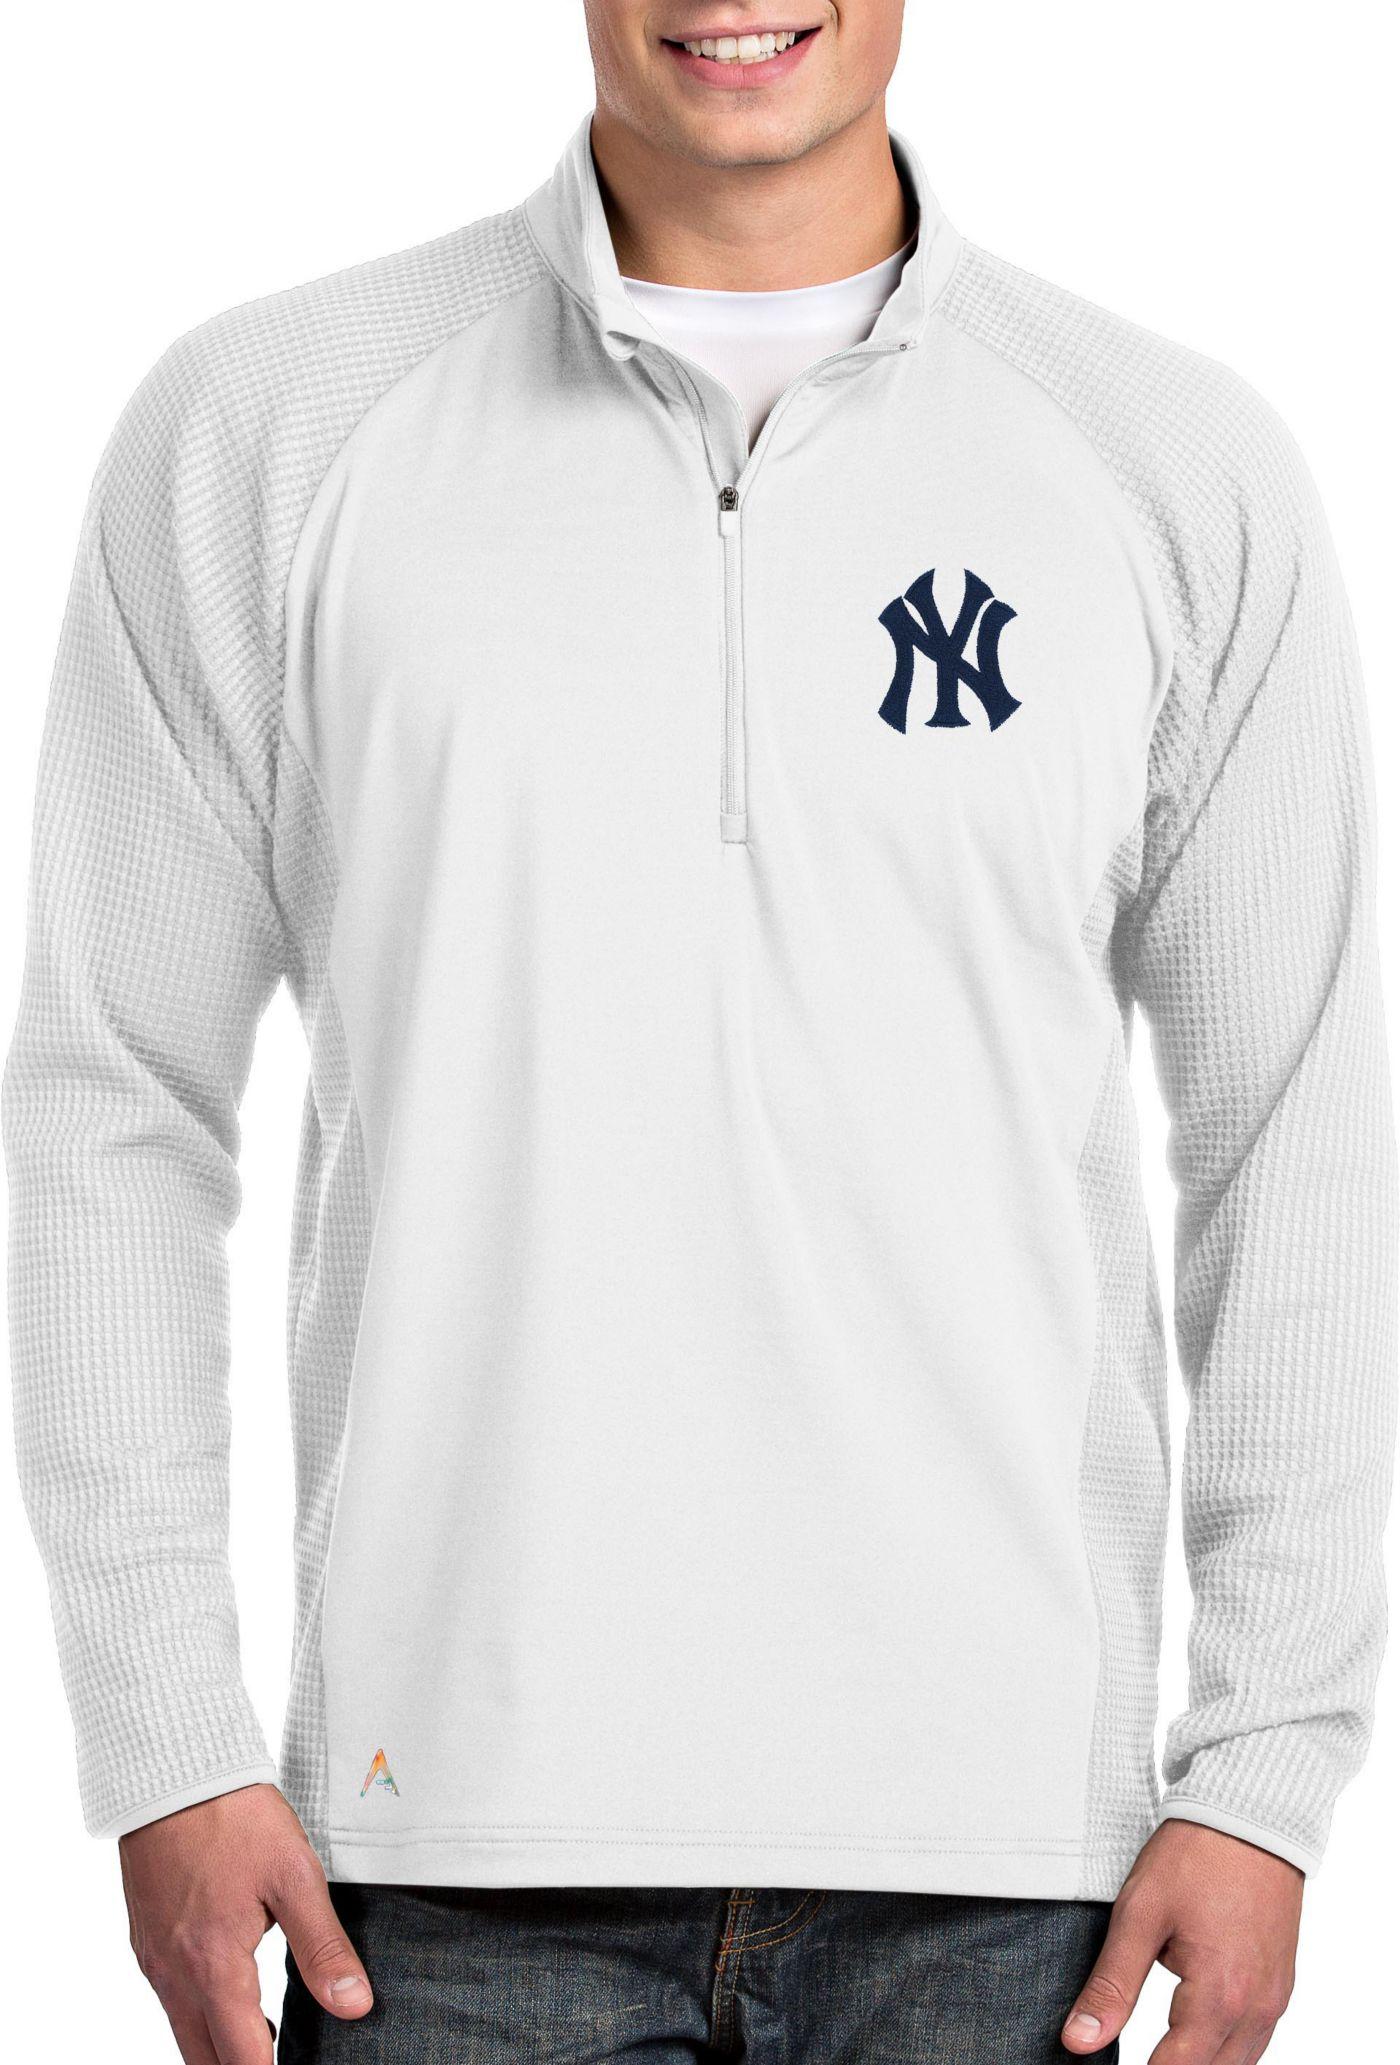 Antigua Men's New York Yankees White Sonar Performance Quarter-Zip Pullover